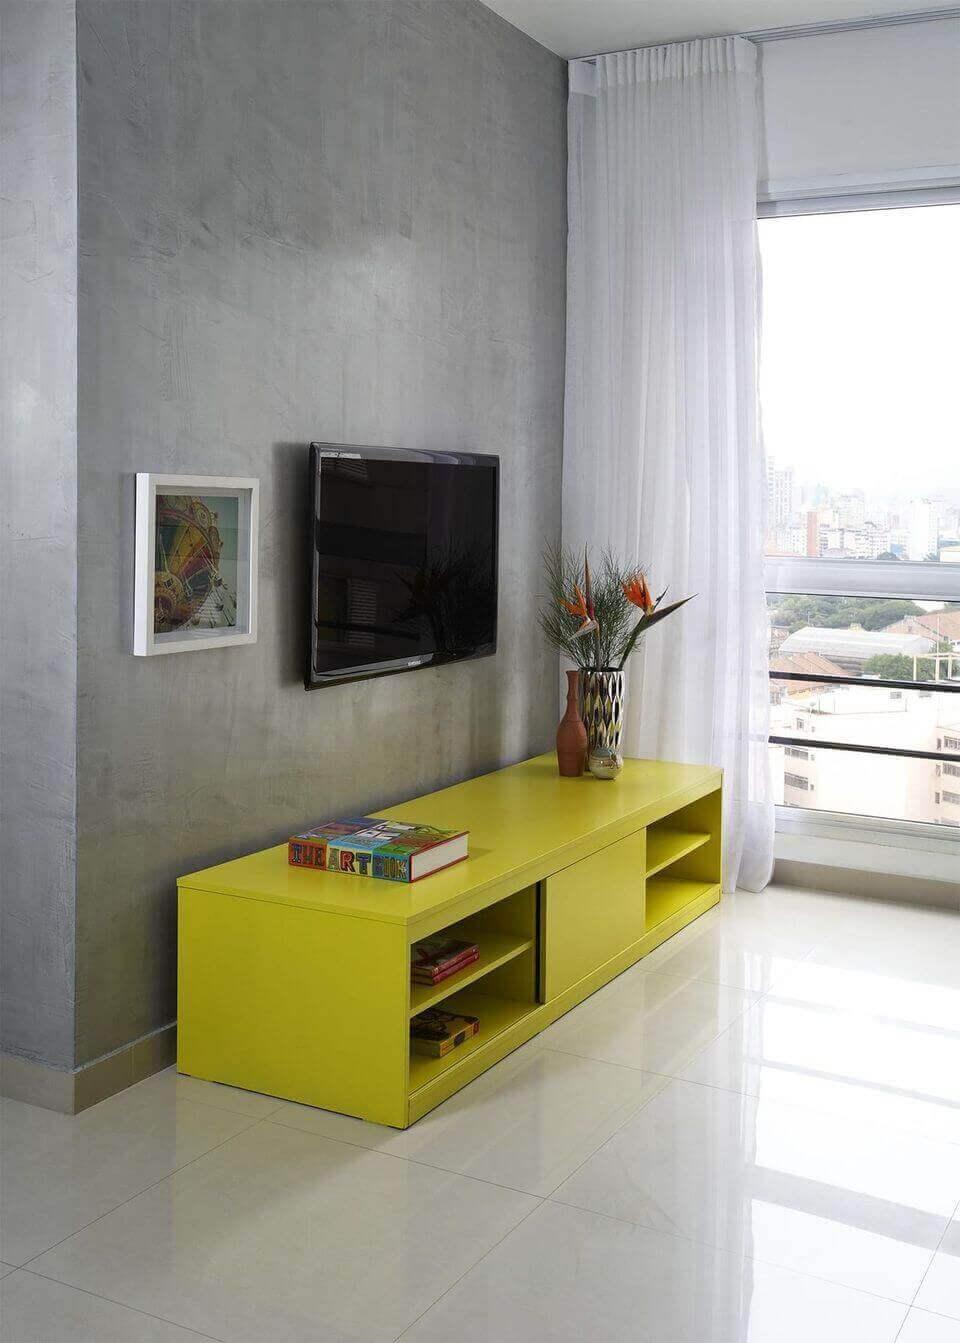 cor amarela - sala de estar com rack amarelo